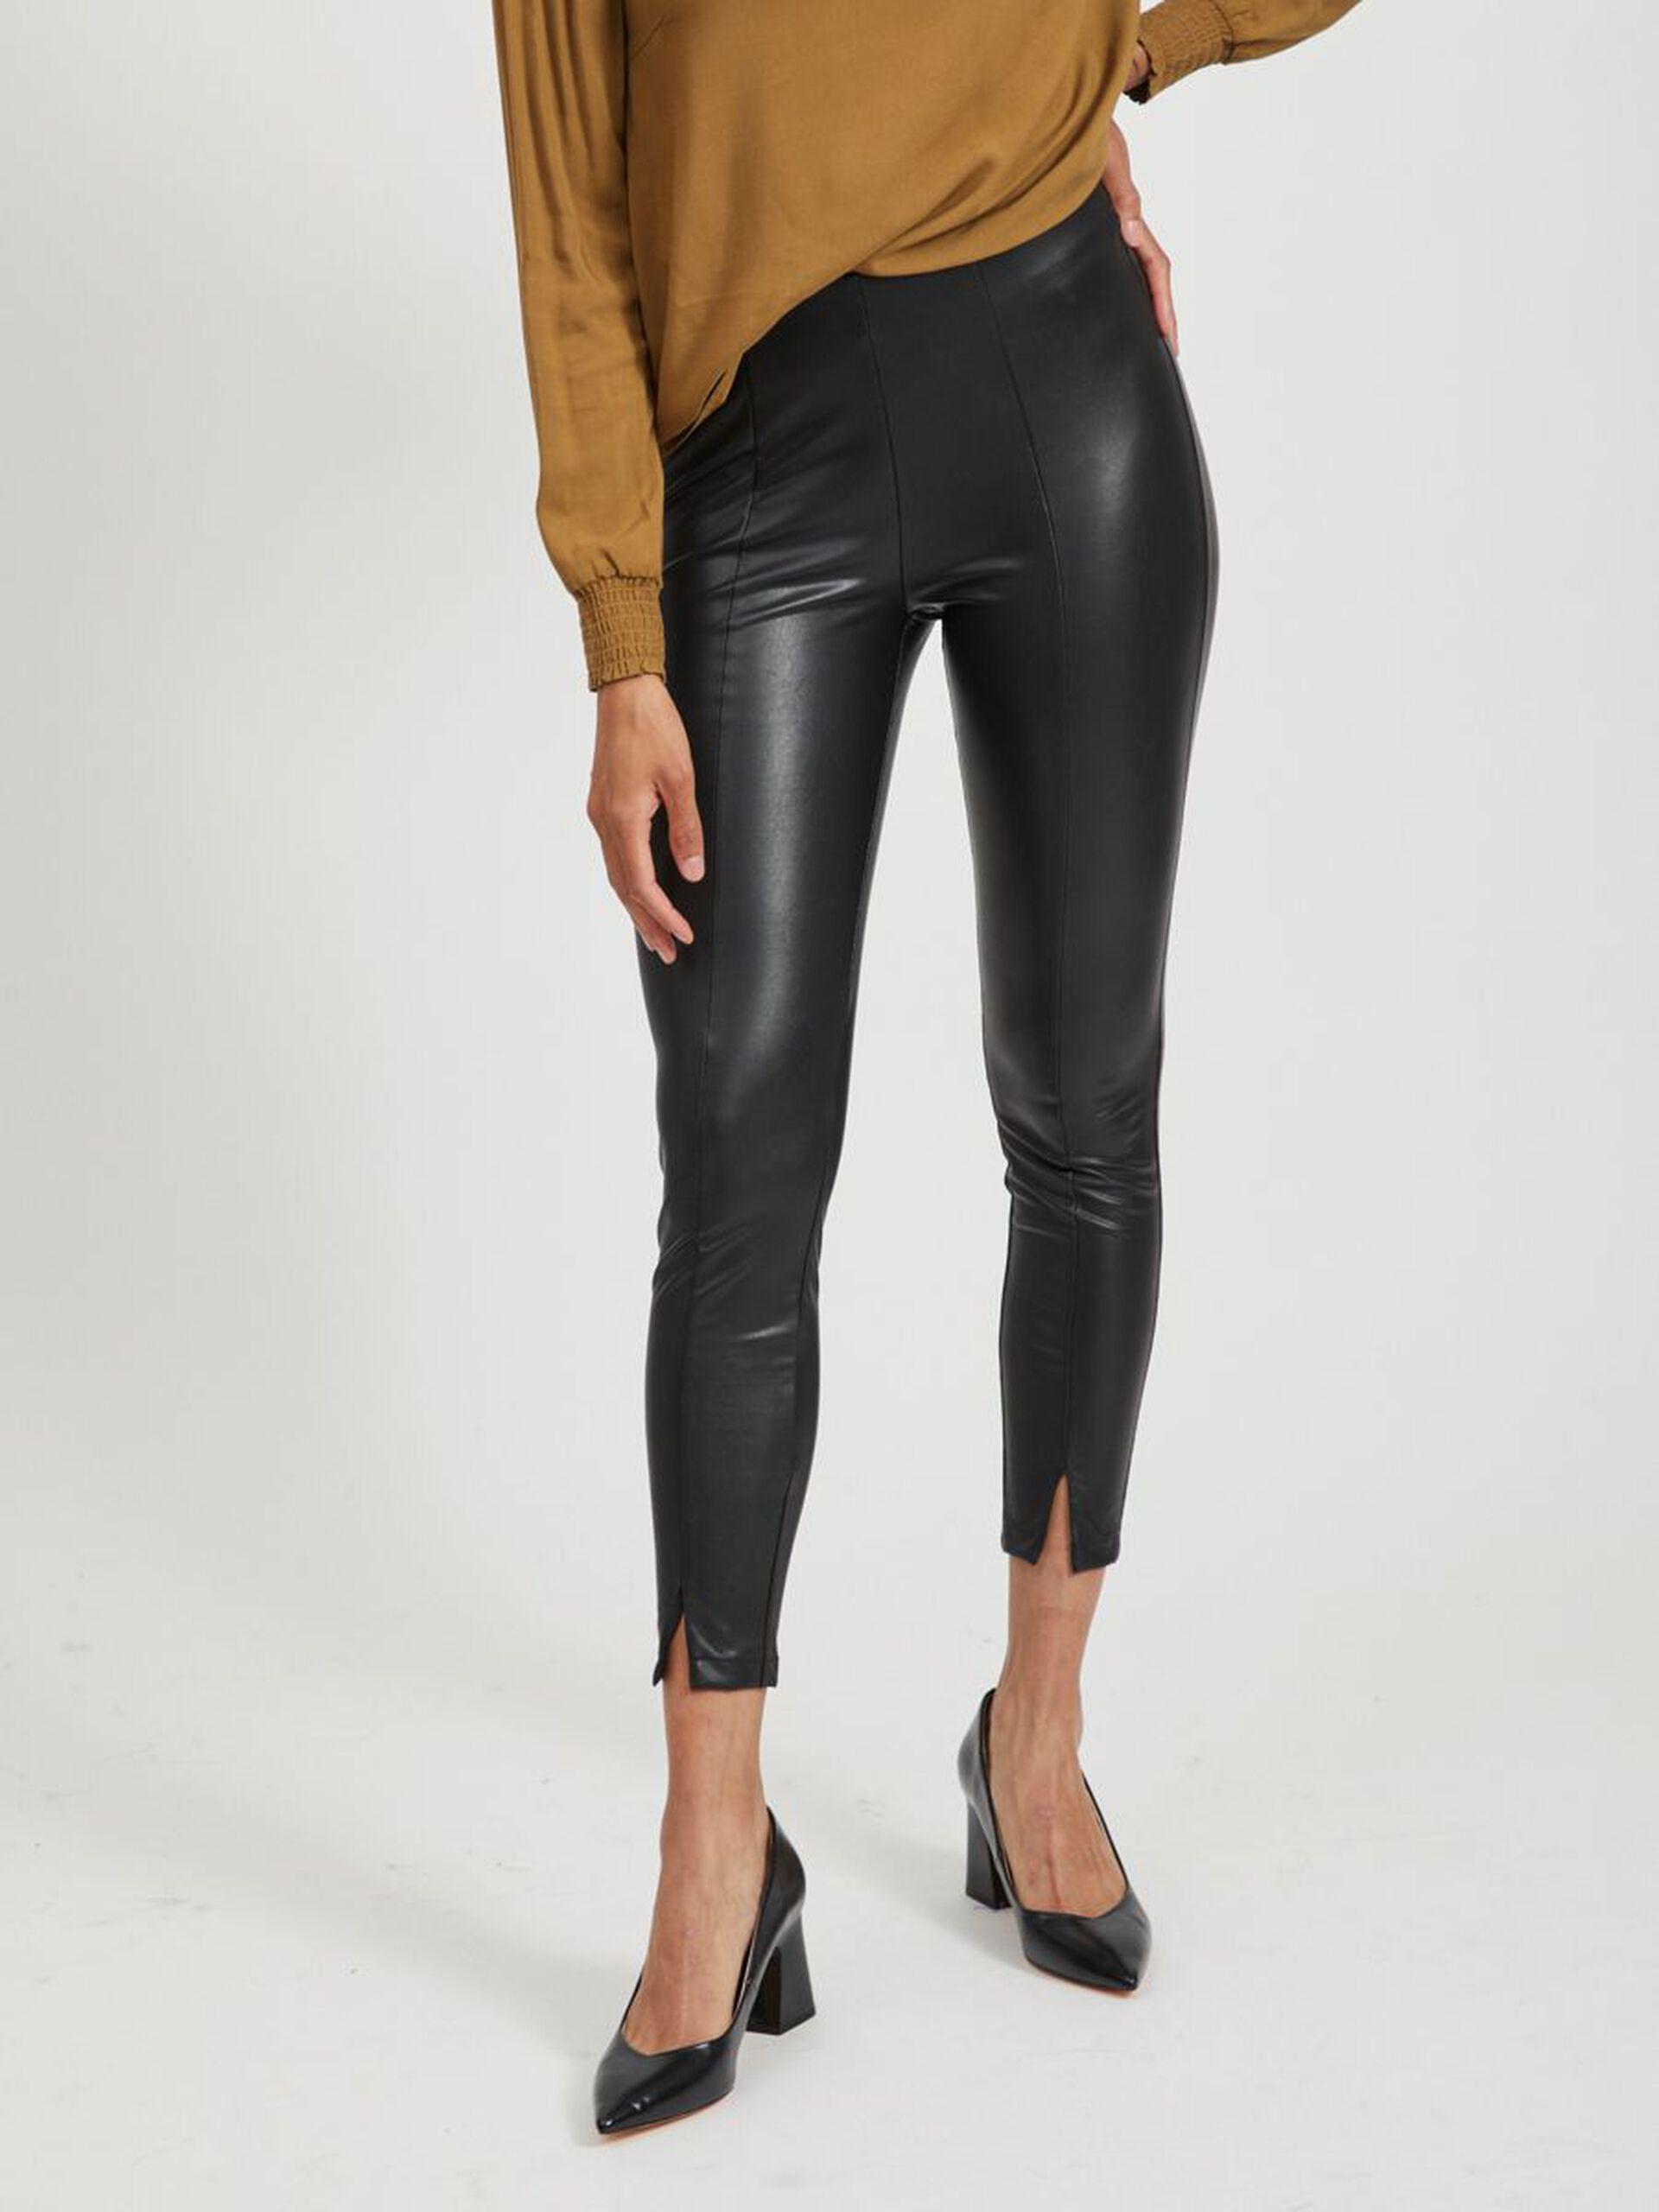 Sort bukse imitert skinn